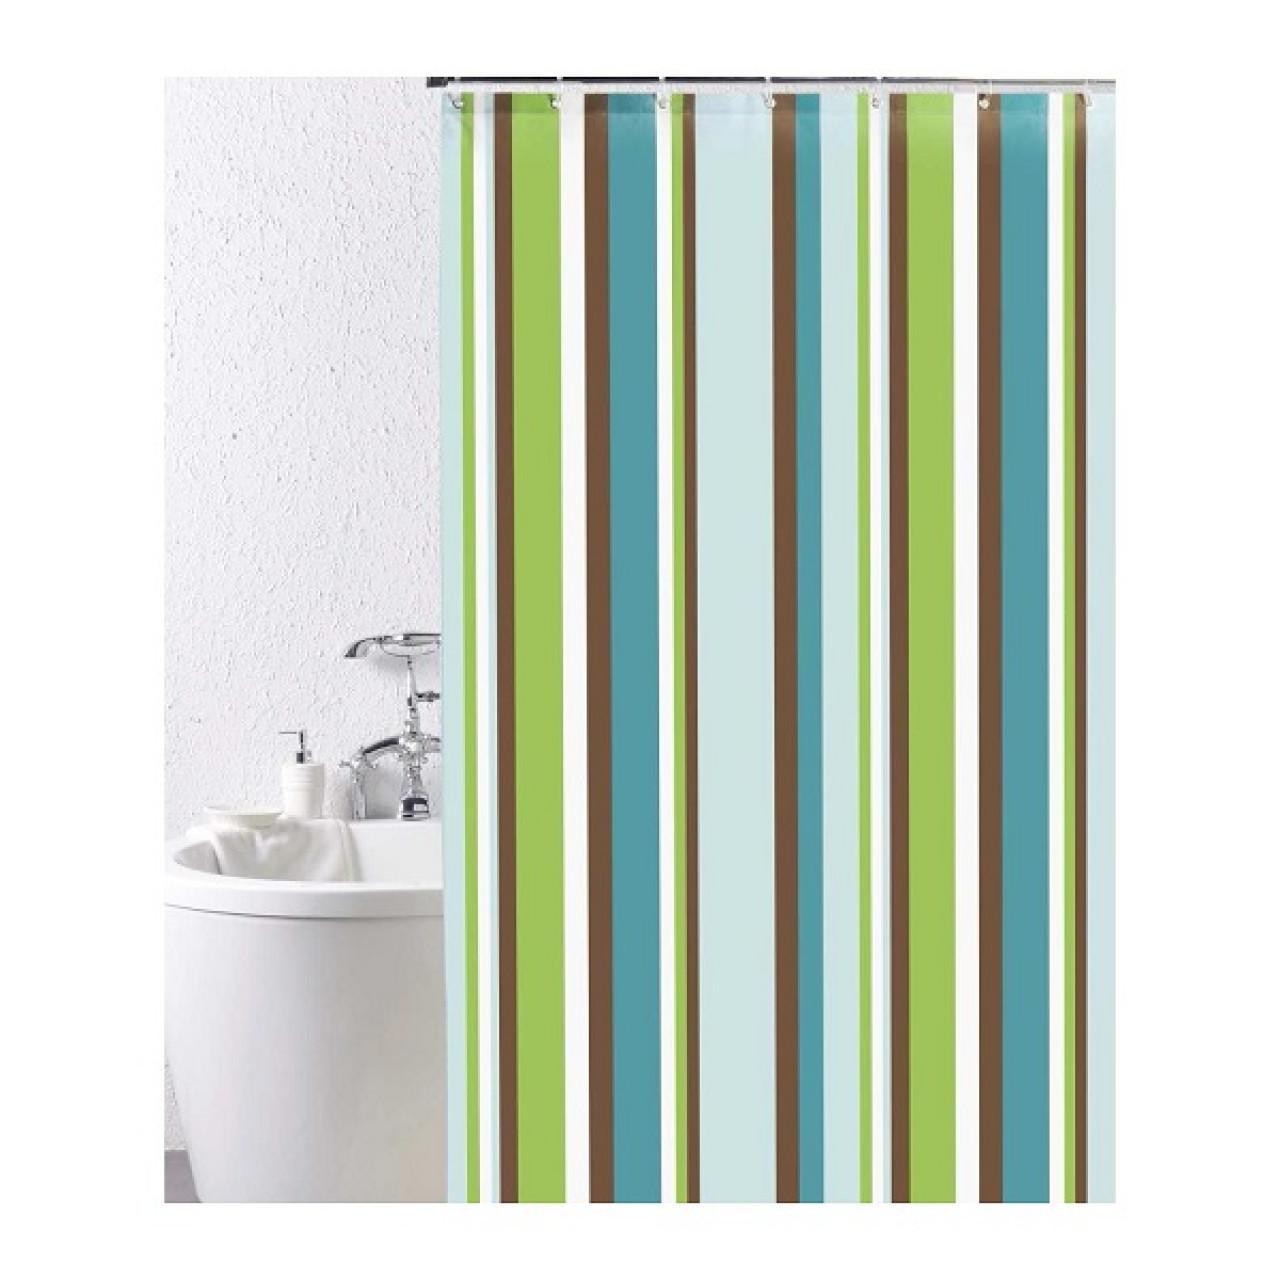 Штора для ванной комнаты Iddis Raguza Fields купить в Москве по цене от 870р. в интернет-магазине mebel-v-vannu.ru